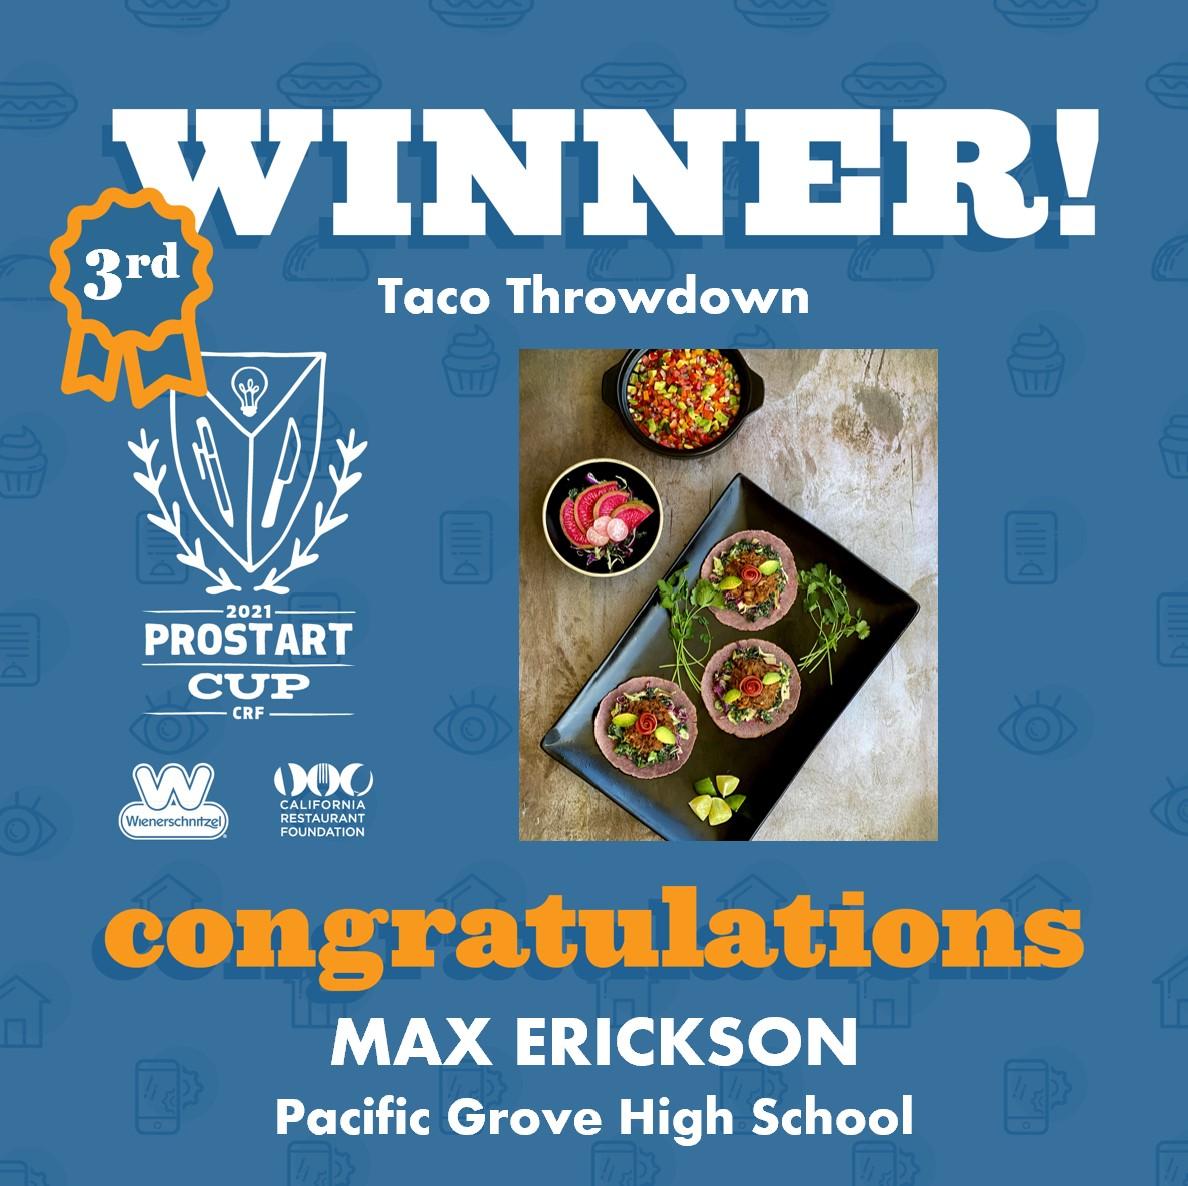 2021 ProStart Winner - Taco - 3rd Place